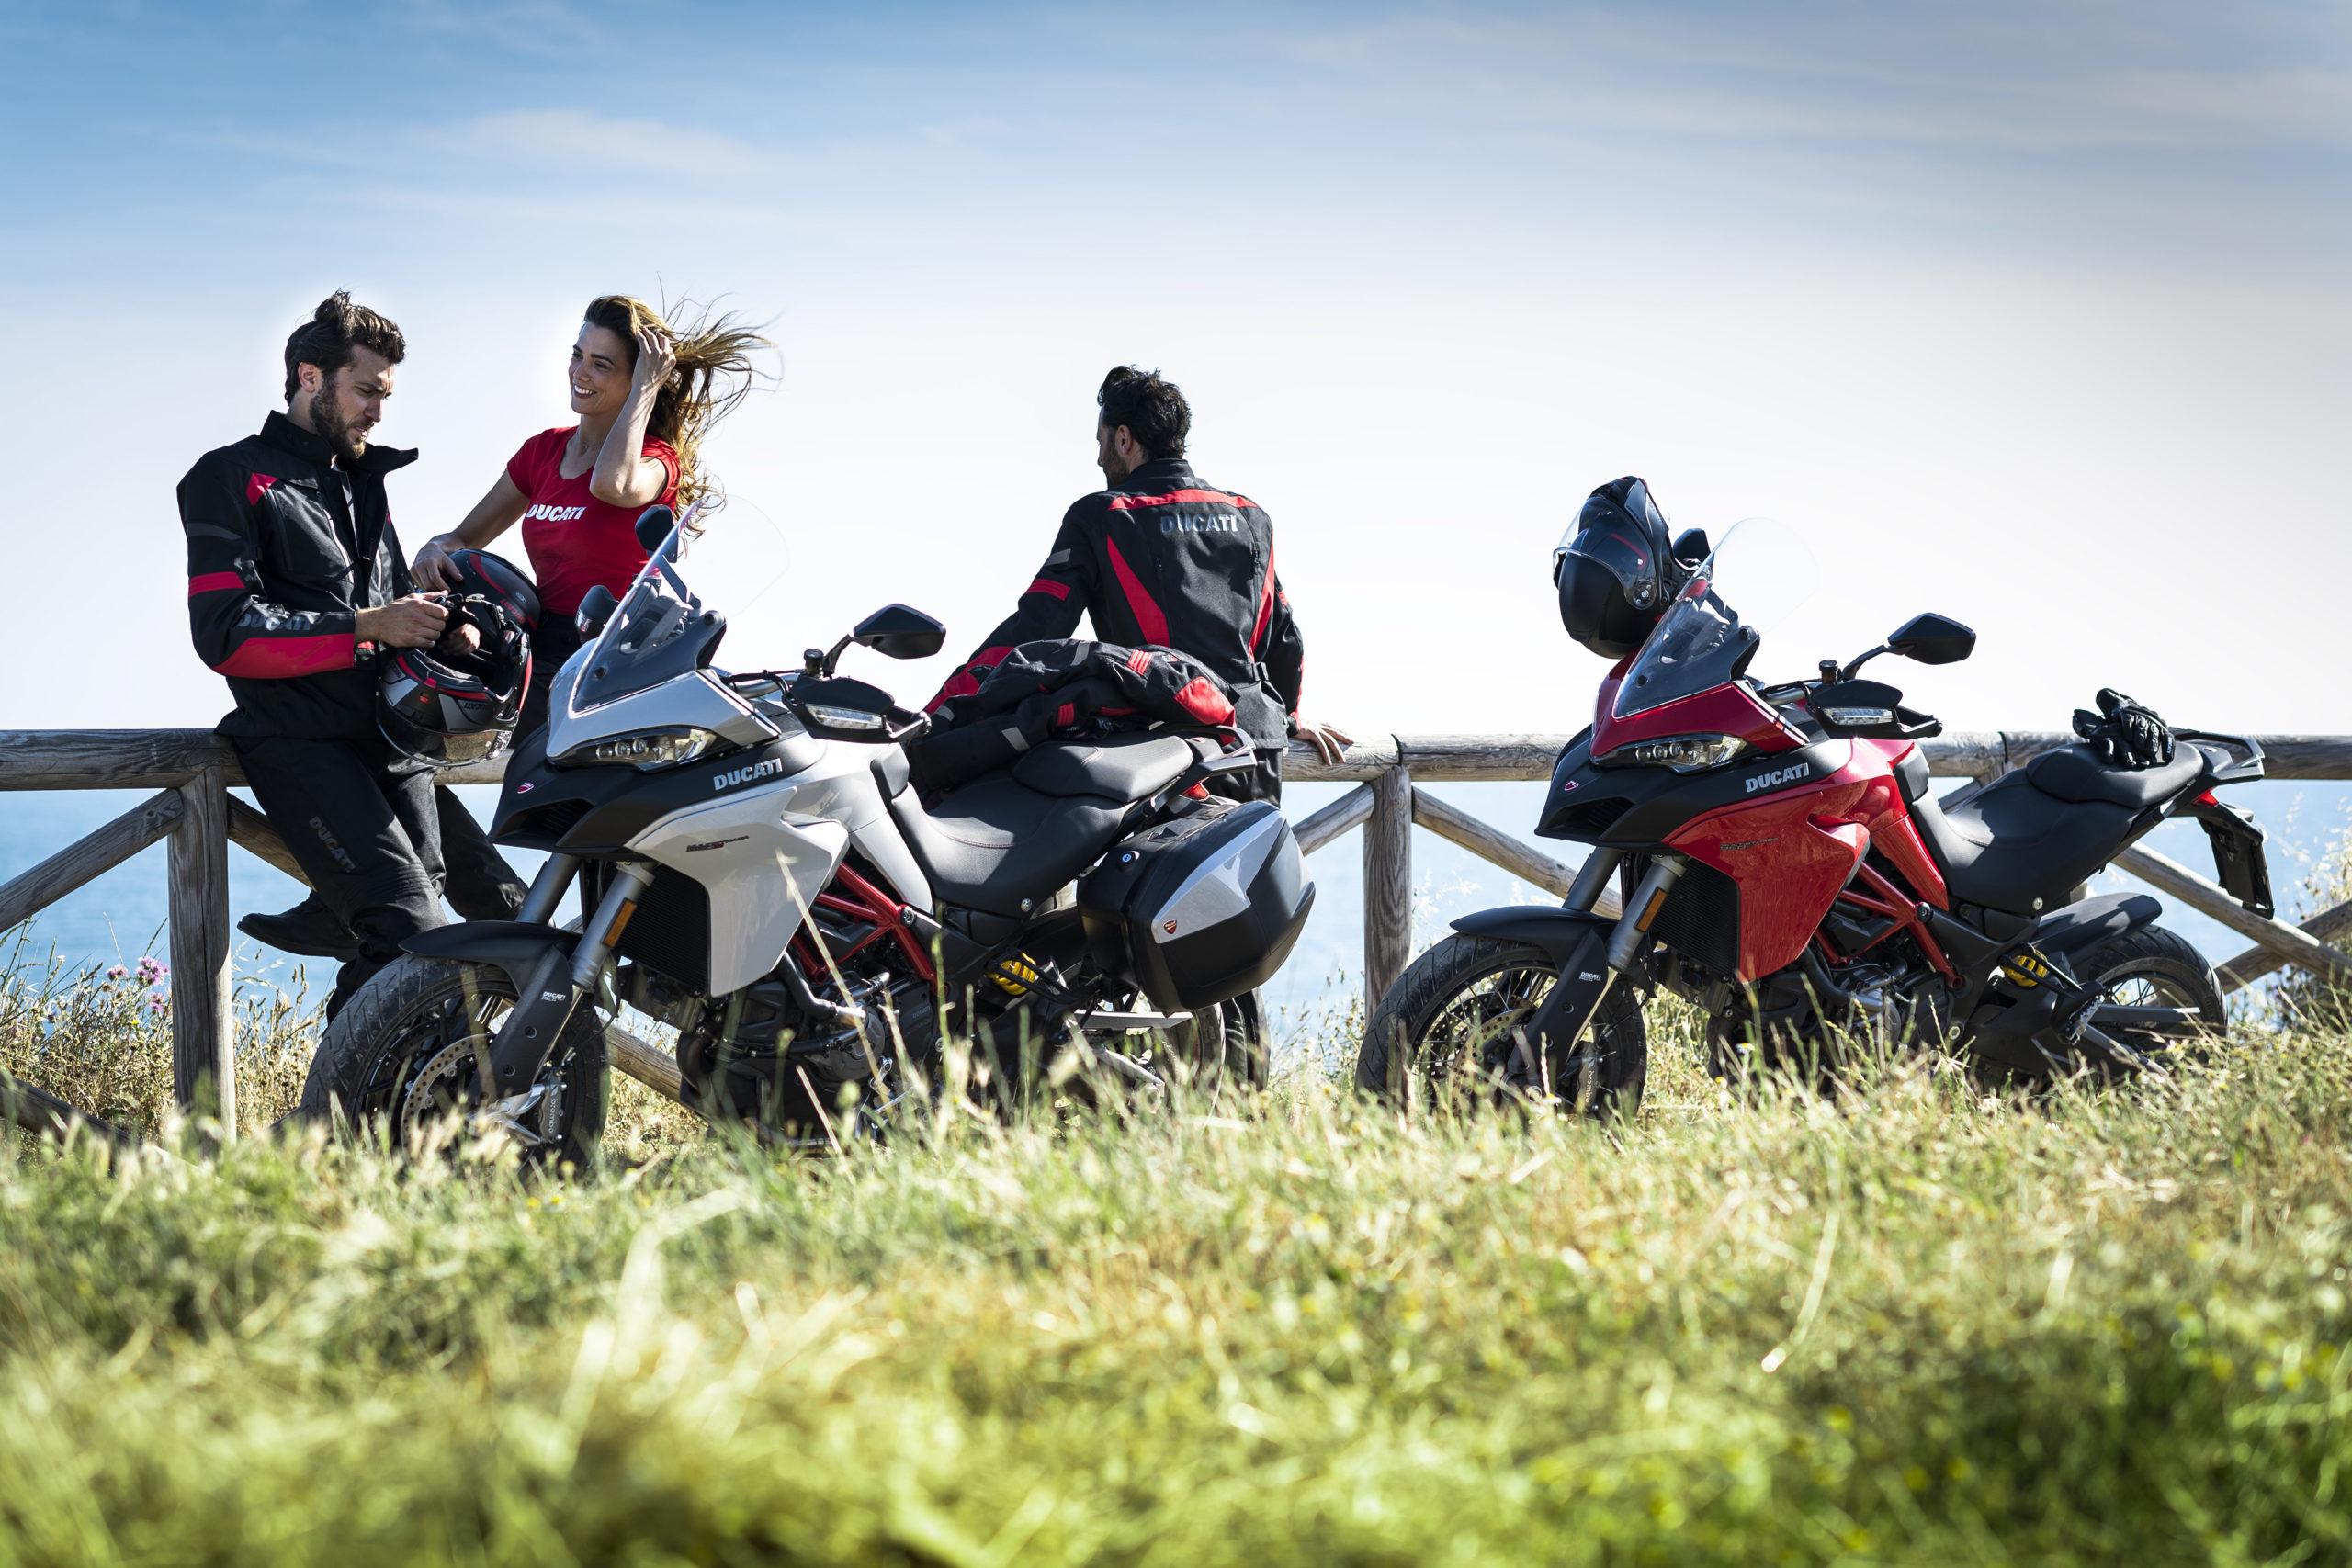 Ducati touring, para viajar com segurança e conforto